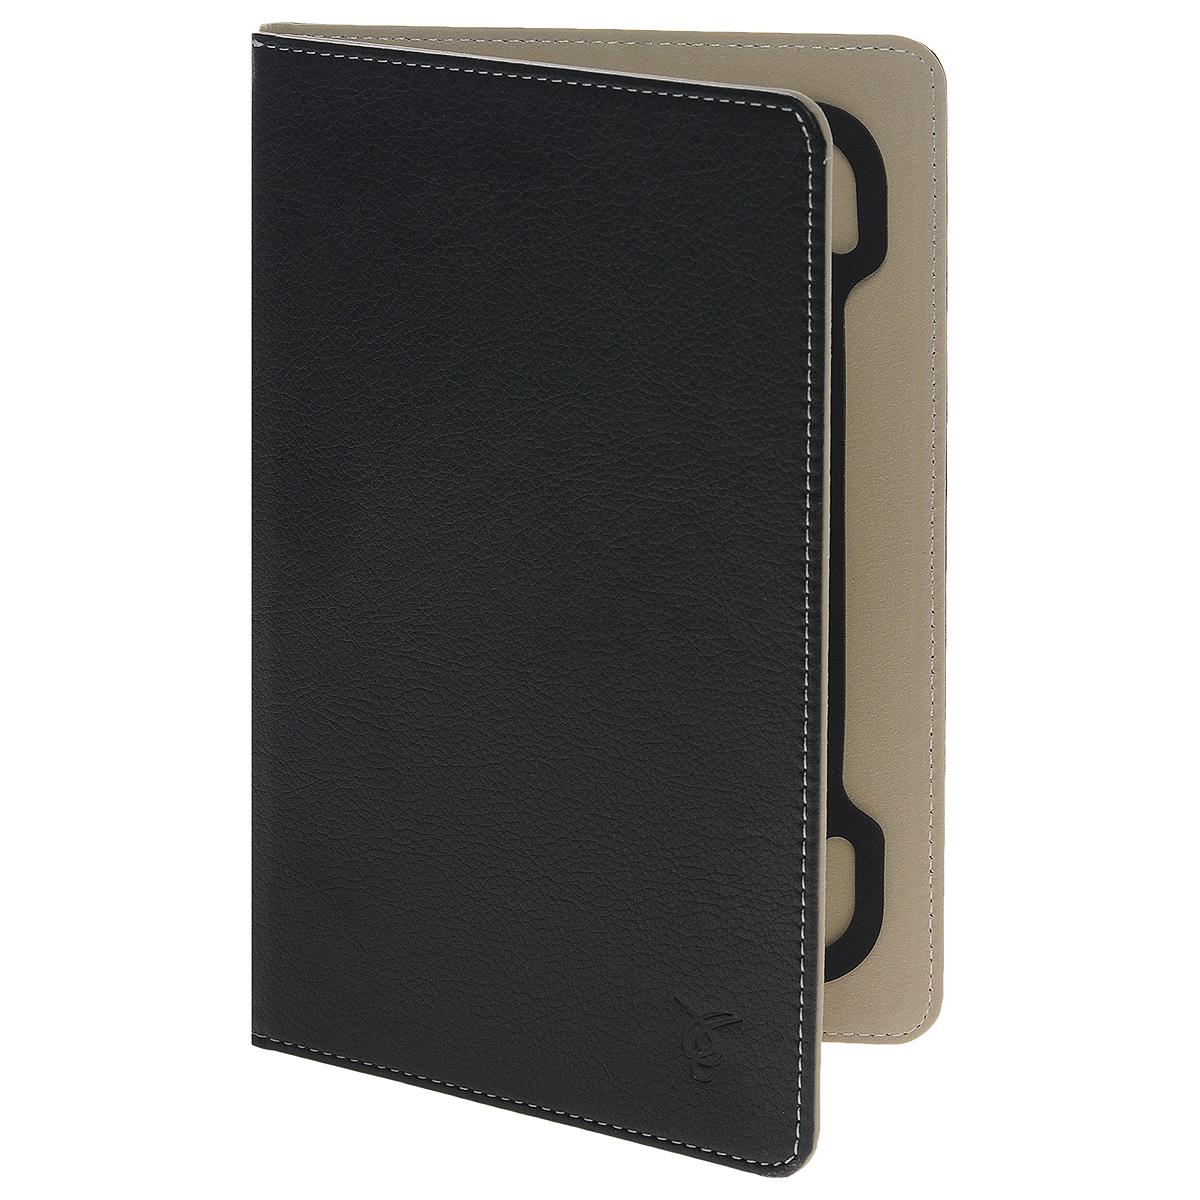 Vivacase Basic кожаный чехол-обложка для планшетов 7-8, Black (VUC-CM007-bl)VUC-CM007-blТонкий чехол-обложка Viva Basic для планшетов 7-8 - прекрасный выбор для тех, что заботится не только о сохранности своего устройства, но и о стиле. Он изготовлен из качественной искусственной кожи, которая по своим характеристикам не уступает натуральной. Мягкая подкладка графитового цвета приятна на ощупь и предотвращает появление царапин на корпусе и дисплее. Резиновое крепление позволяет надежно зафиксировать электронное устройство внутри.